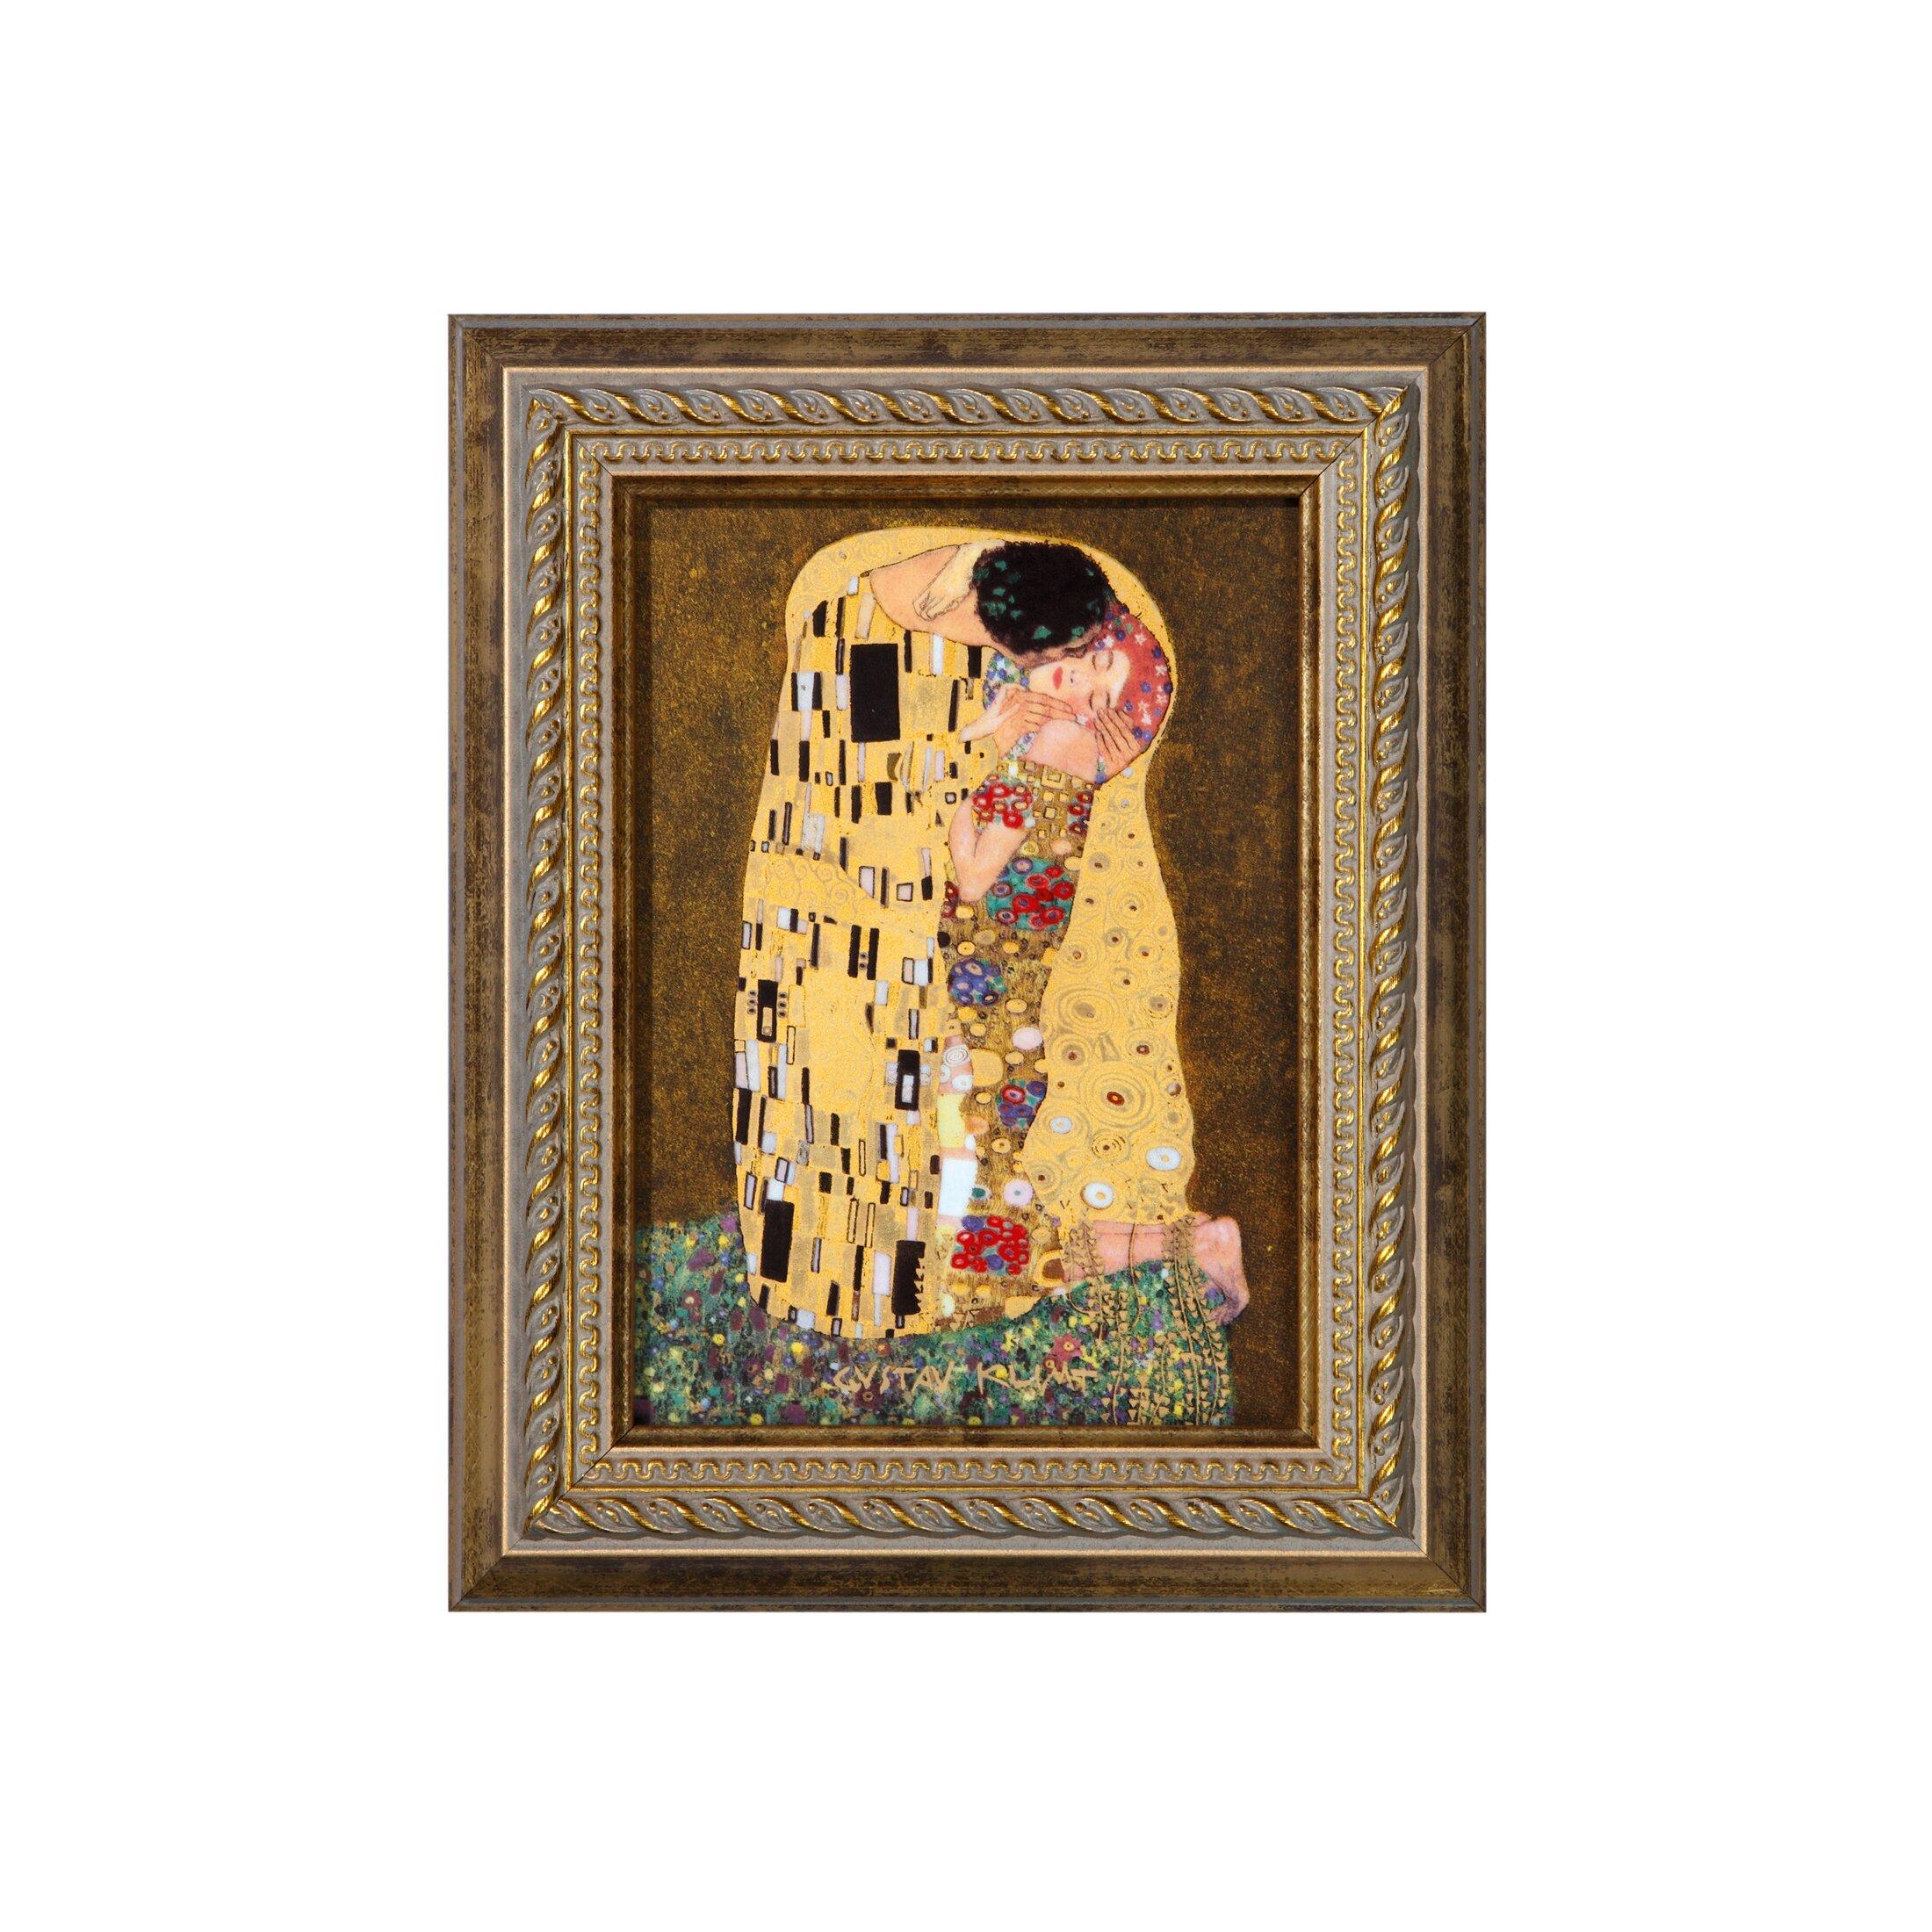 goebel porzellanbild der kuss von gustav klimt 19 5 x 16 cm. Black Bedroom Furniture Sets. Home Design Ideas